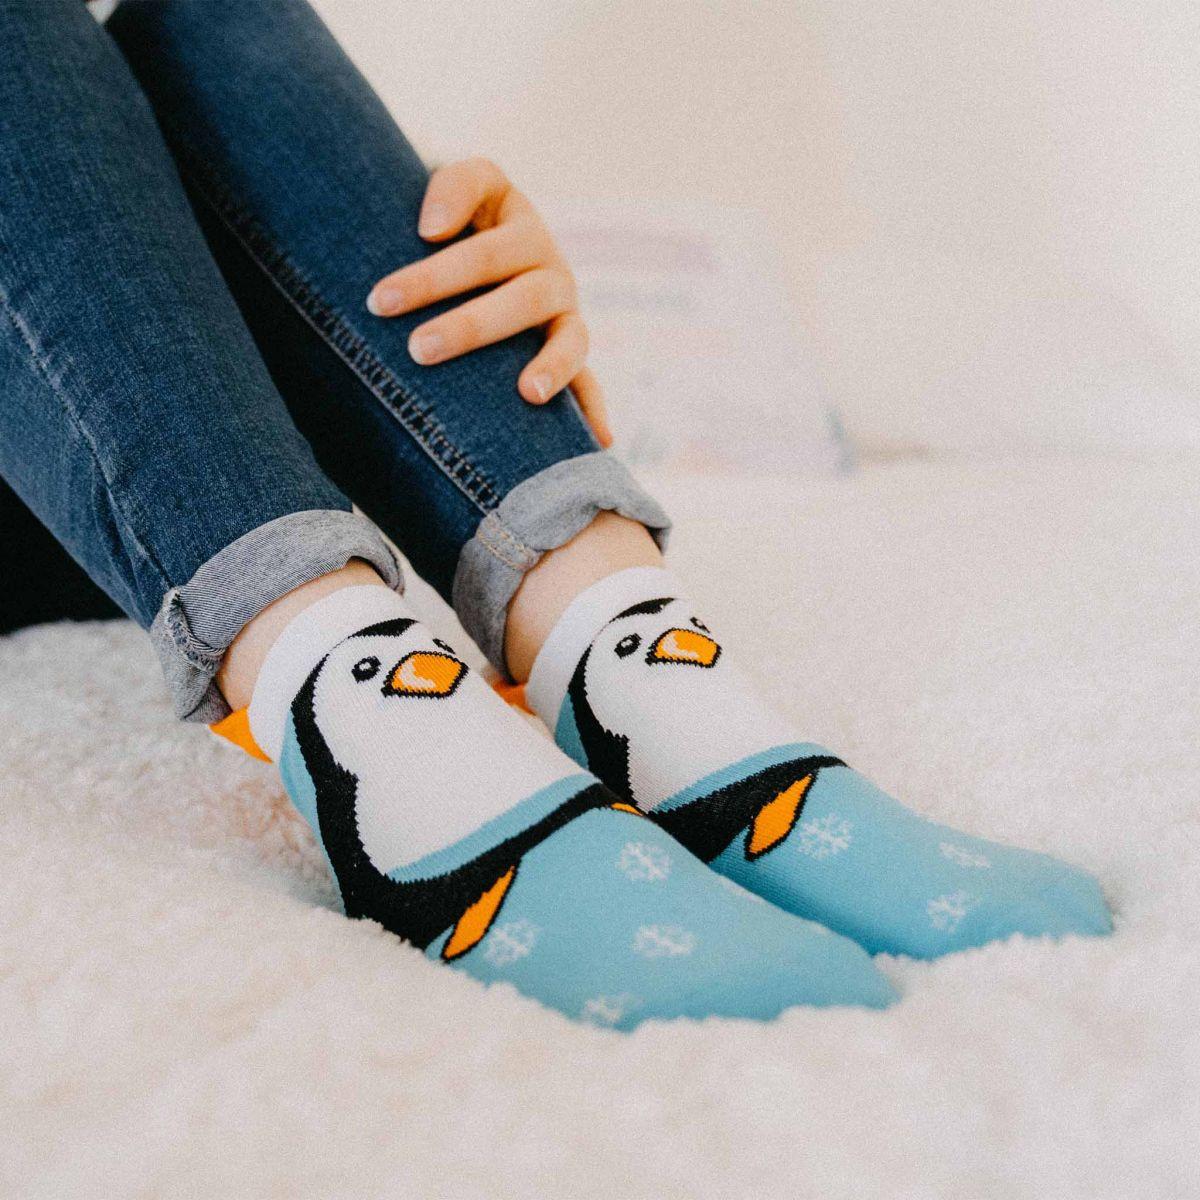 Șosete - Pinguini 2 p2